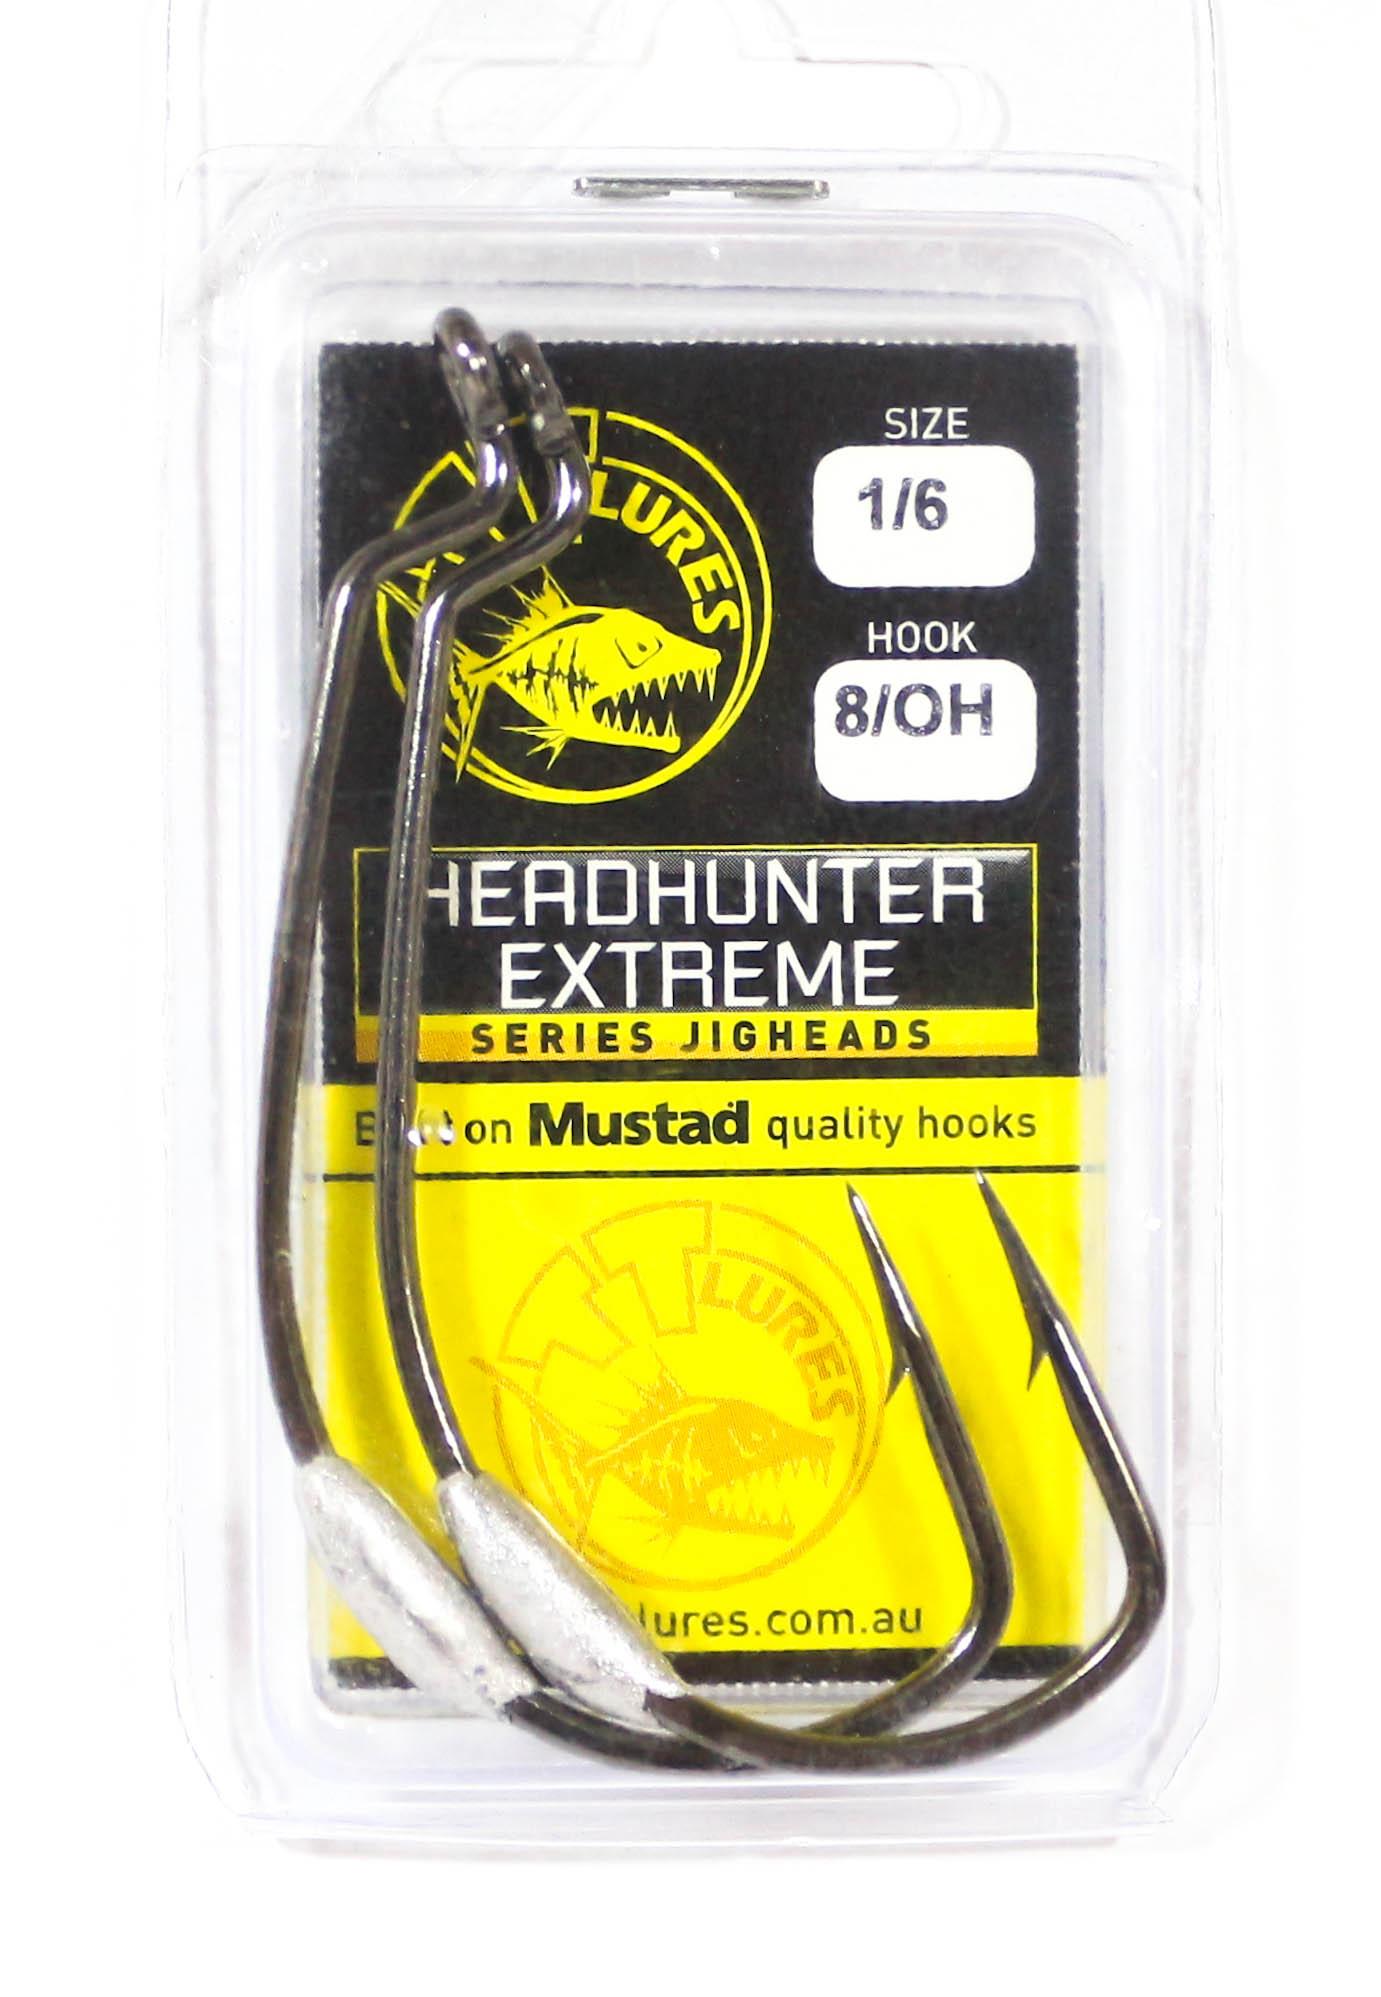 Tackle Tactics TT Head Hunter Extreme SWS Hook 1/8 oz 8/0 XH 2 per pack (1975)